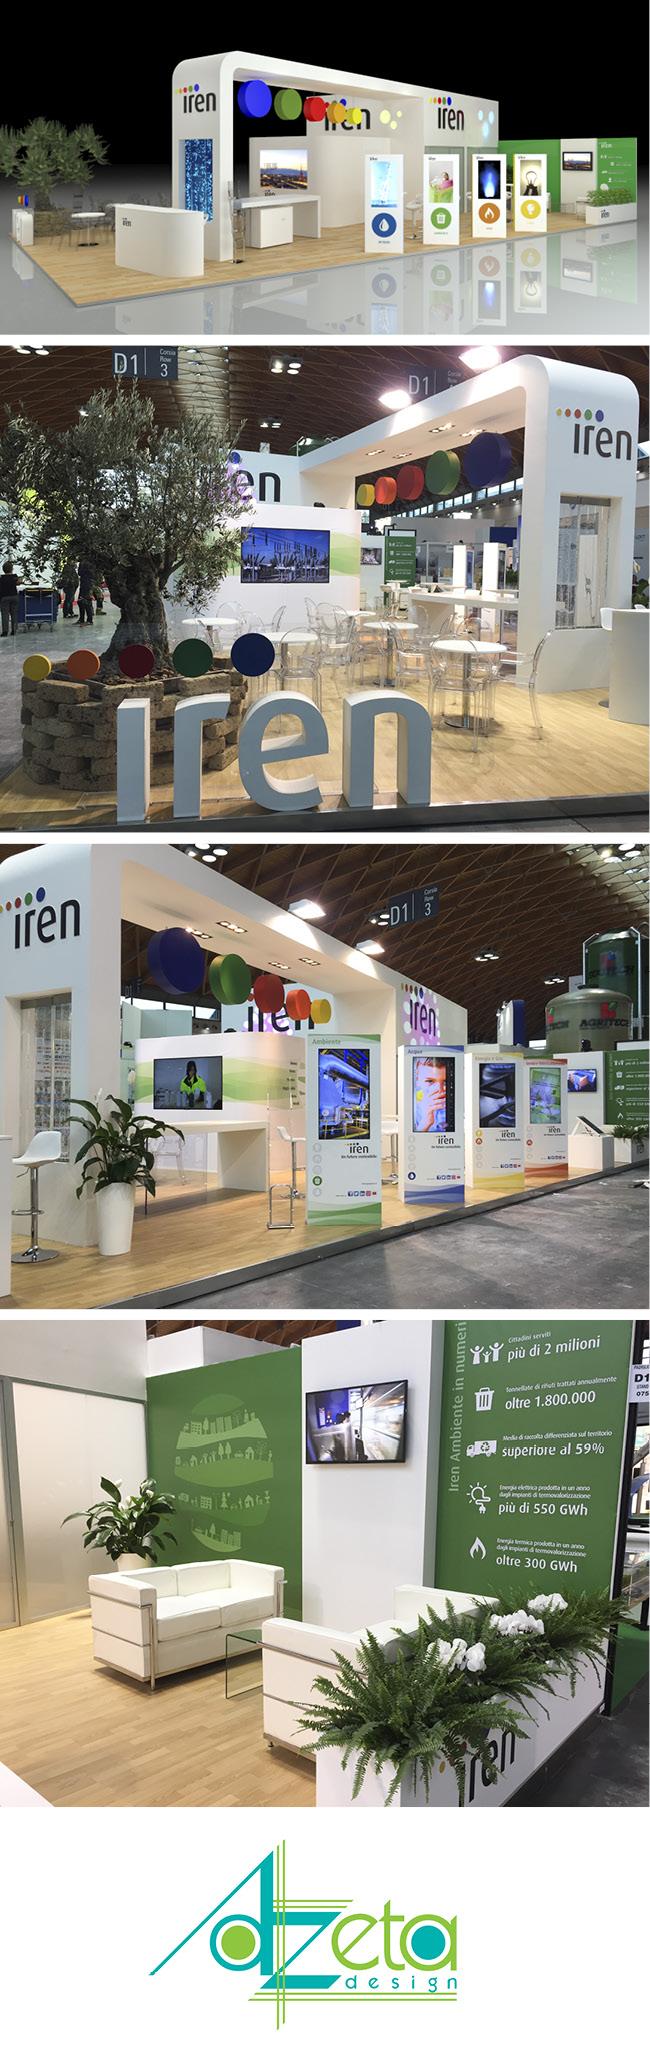 Stand dell'azienda Iren realizzato da Azeta design in occasione della fiera Ecomondo tenuta nella città di Rimini (IT).